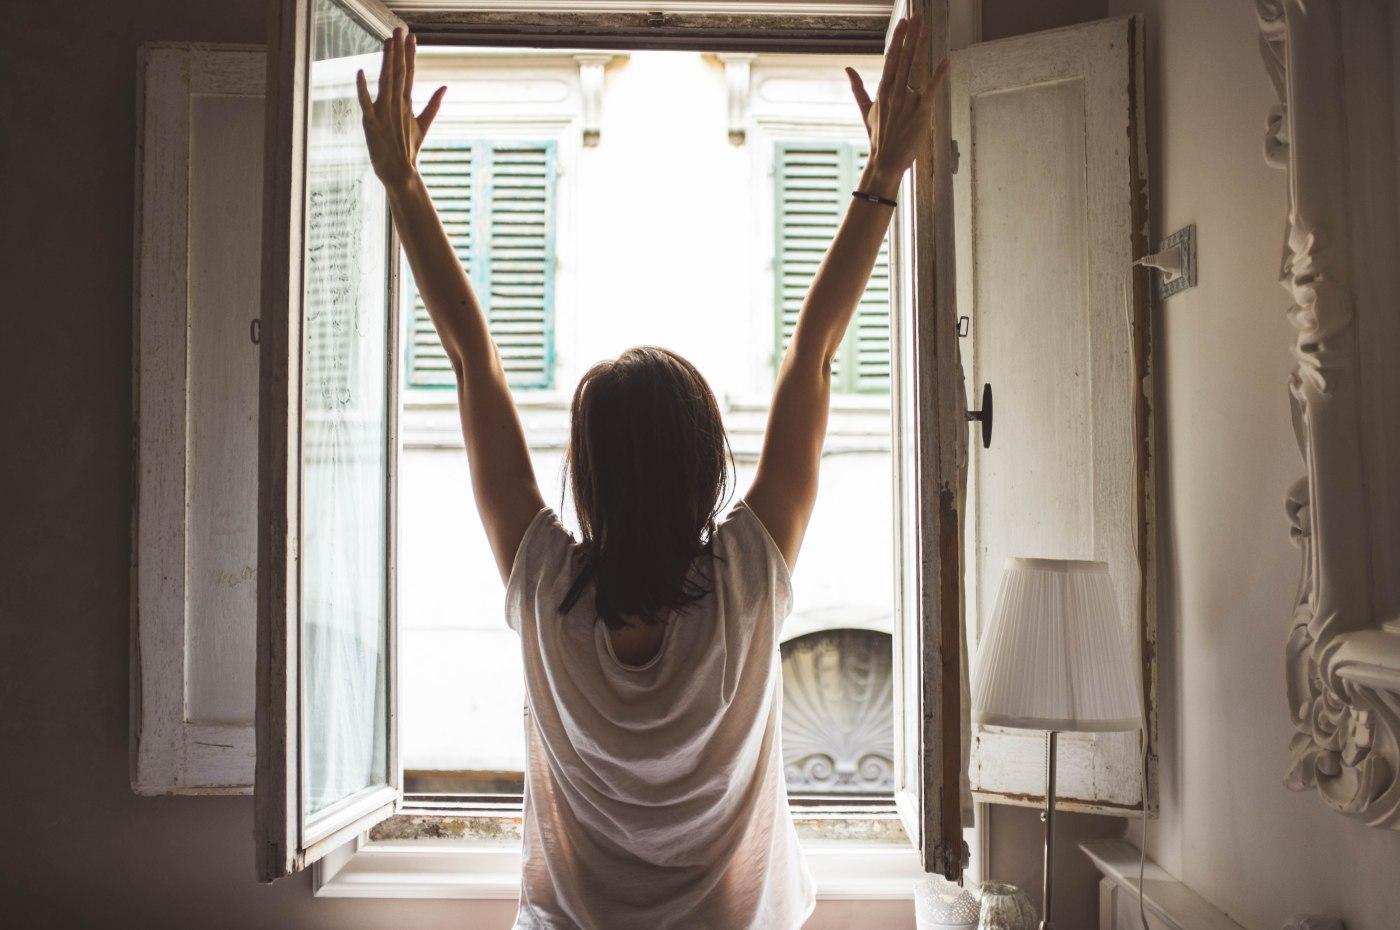 Jangan langsung mandi tapi lakukan stretching terlebih dahulu (2).jpg